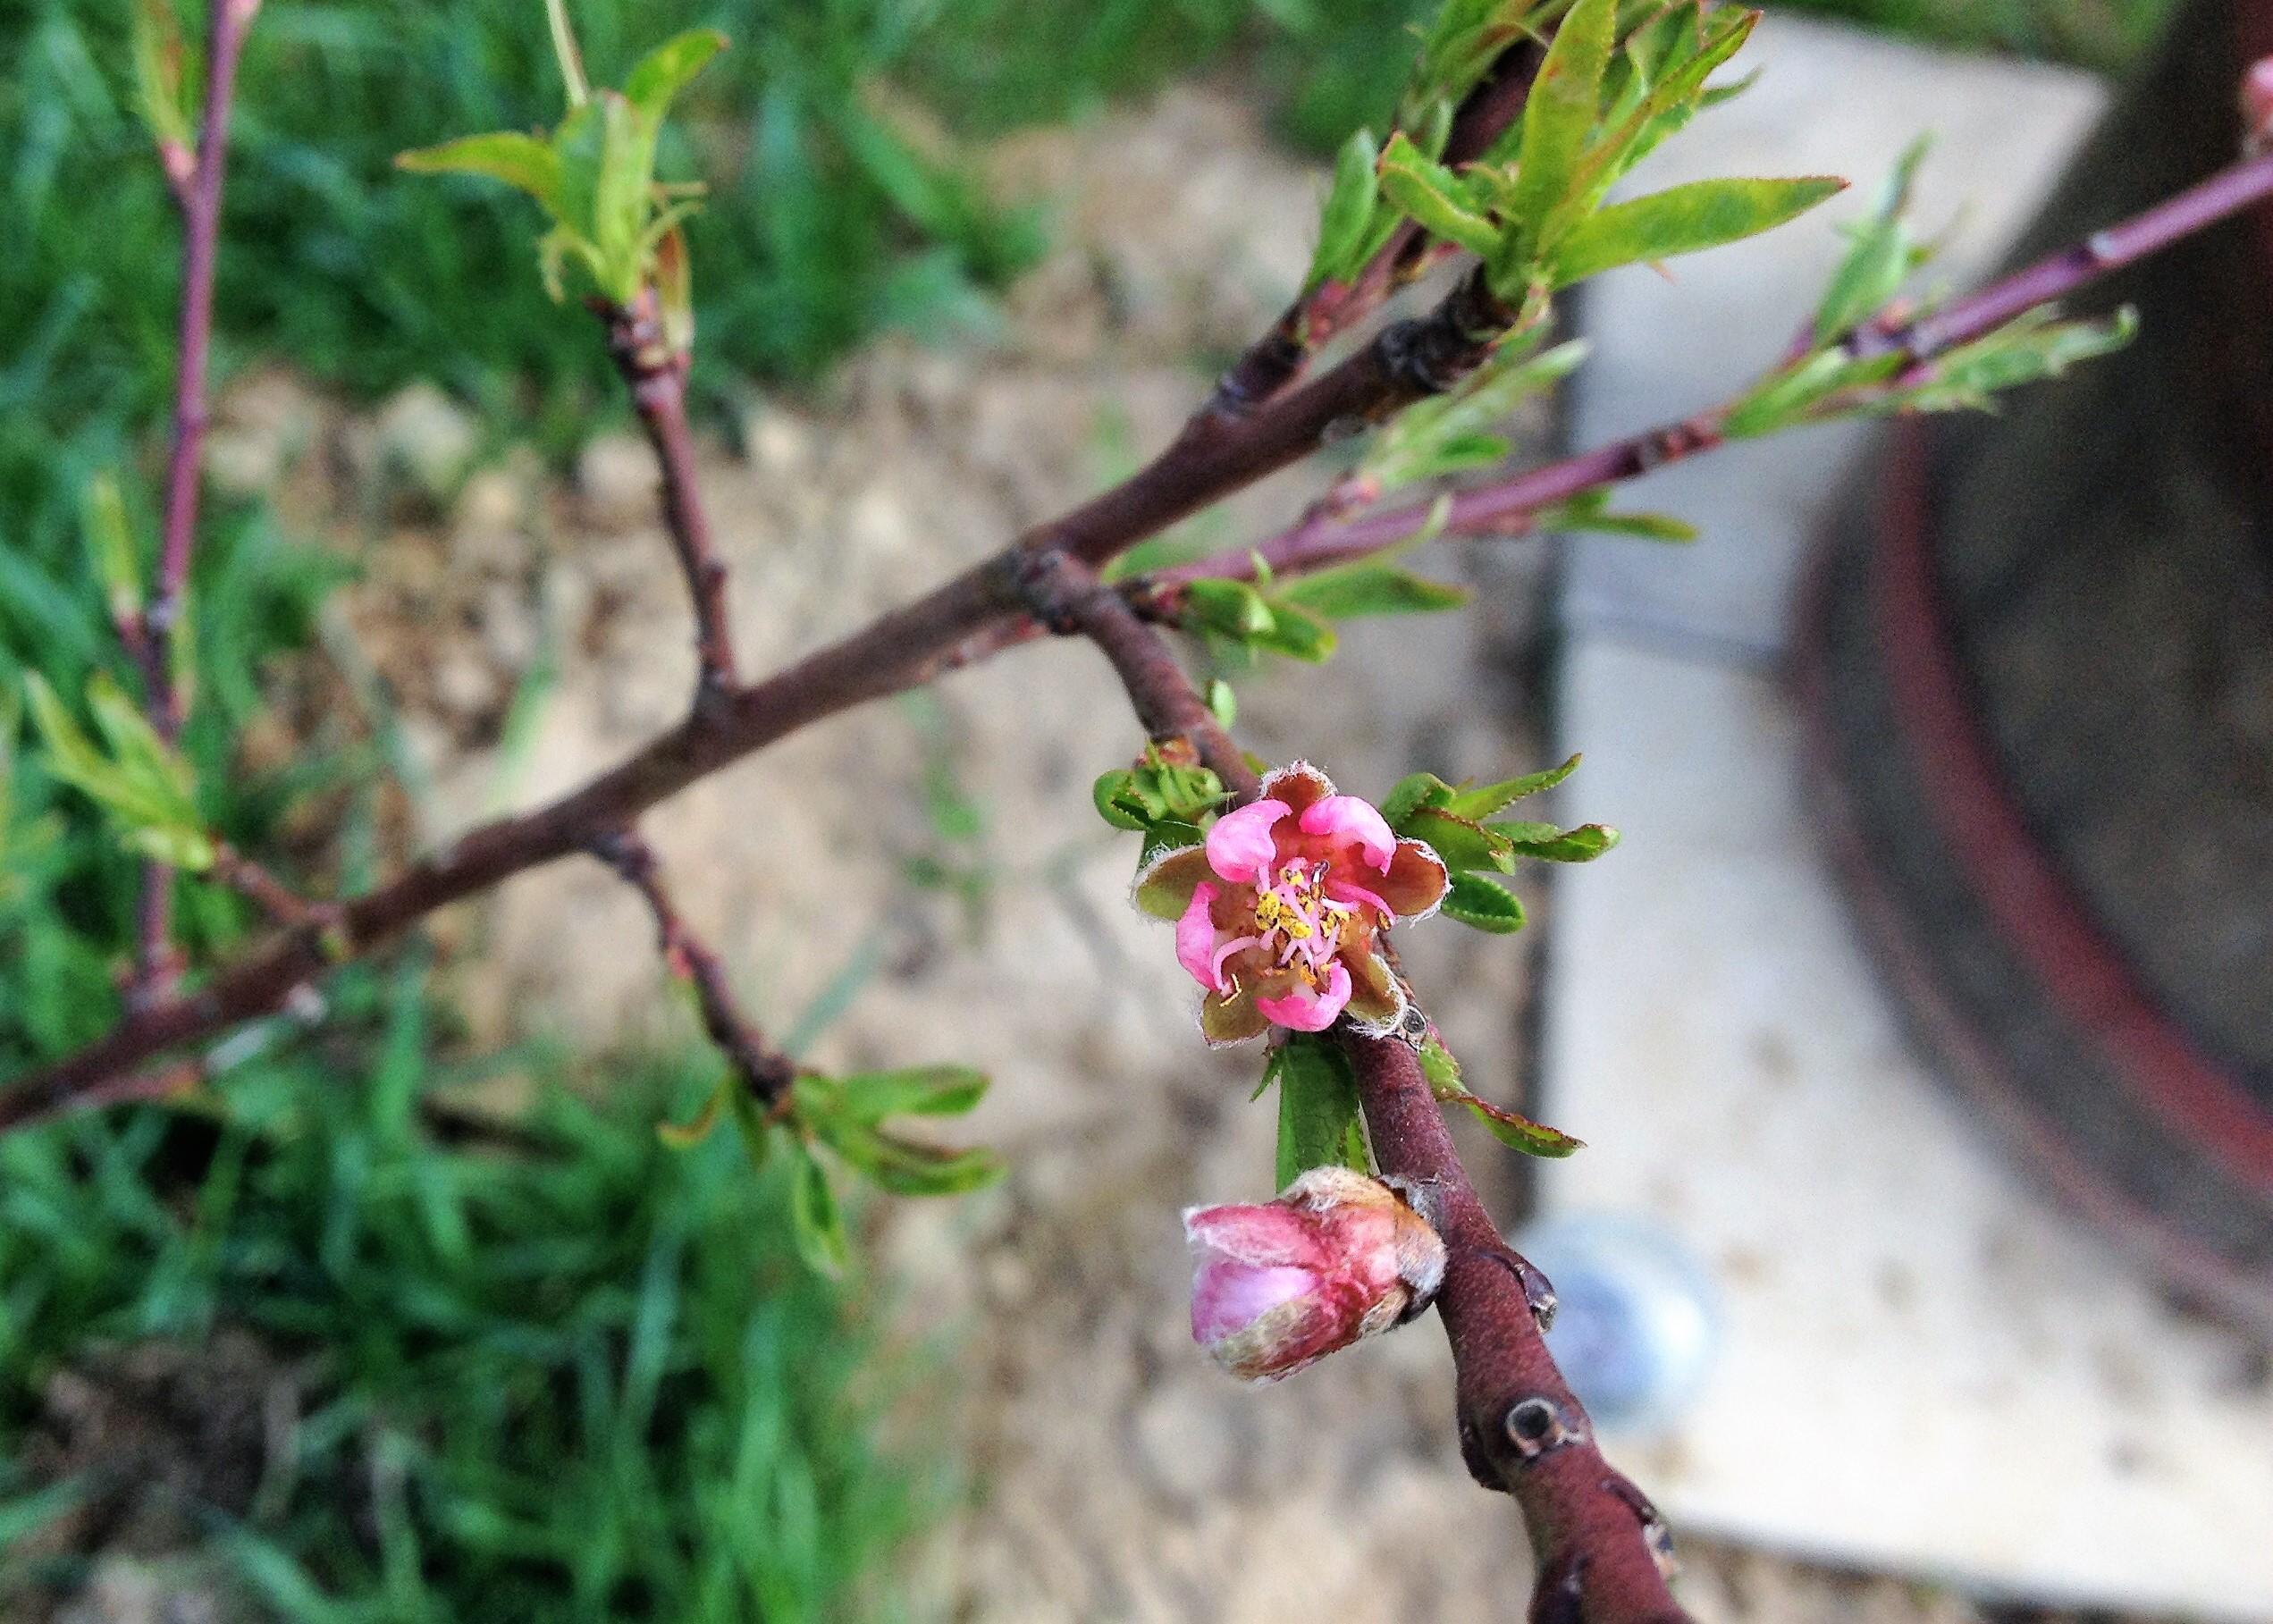 Tavaszi virágözön a kiskertekben